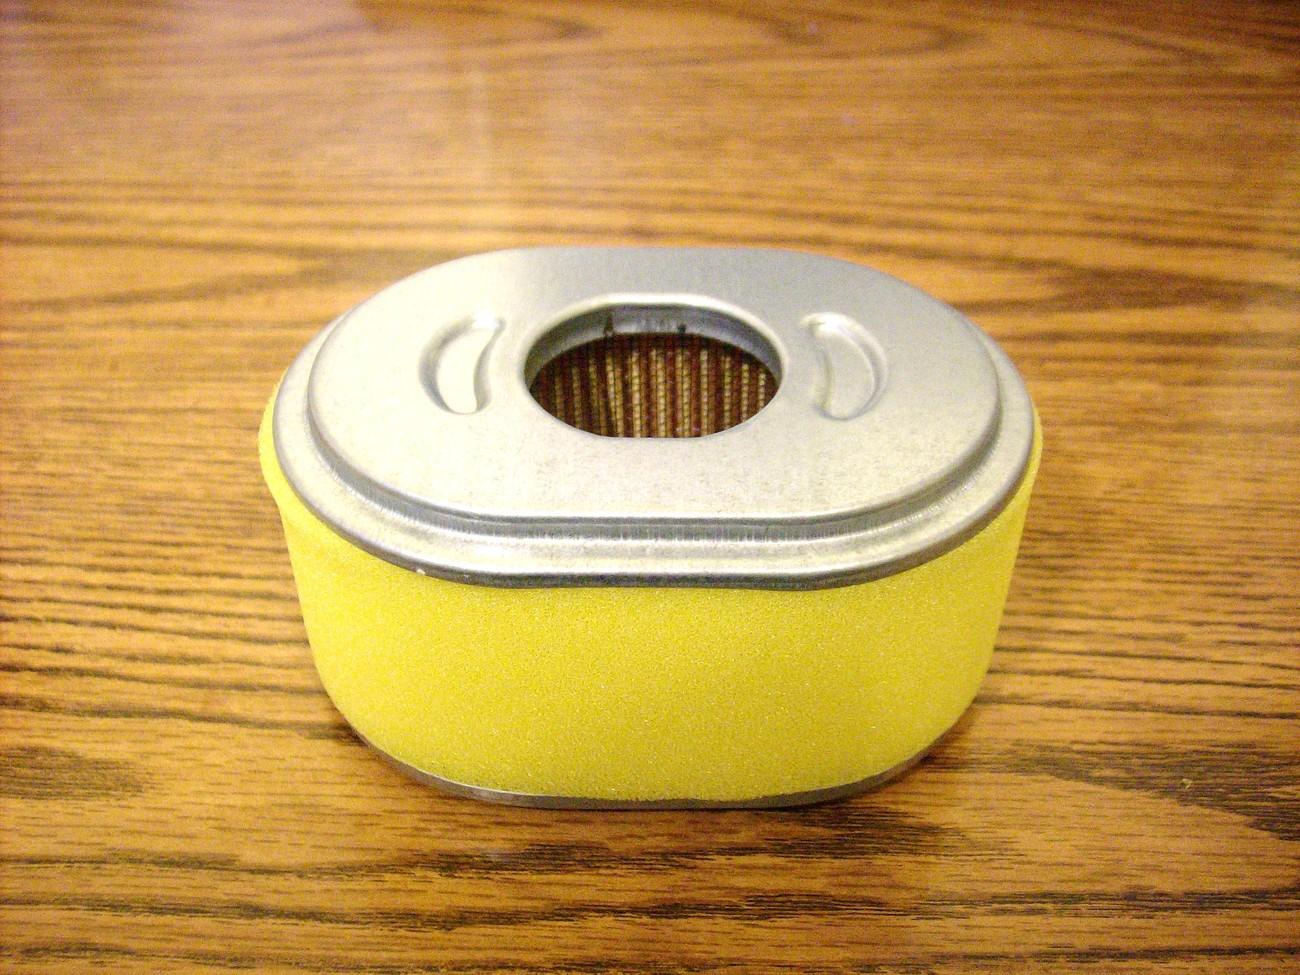 Honda GX110 and GX120 air filter 17210-ZE0-505 / 17210-ZE0-820 / 17210-ZE0-822